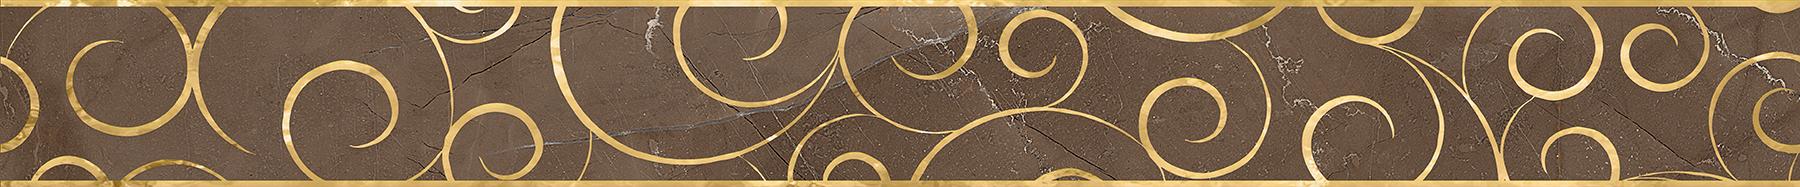 Миланезе дизайн Бордюр Флорал марроне 1506-0158 6х60 бордюр настенный 6х60 3 миланезе дизайн флорал крема